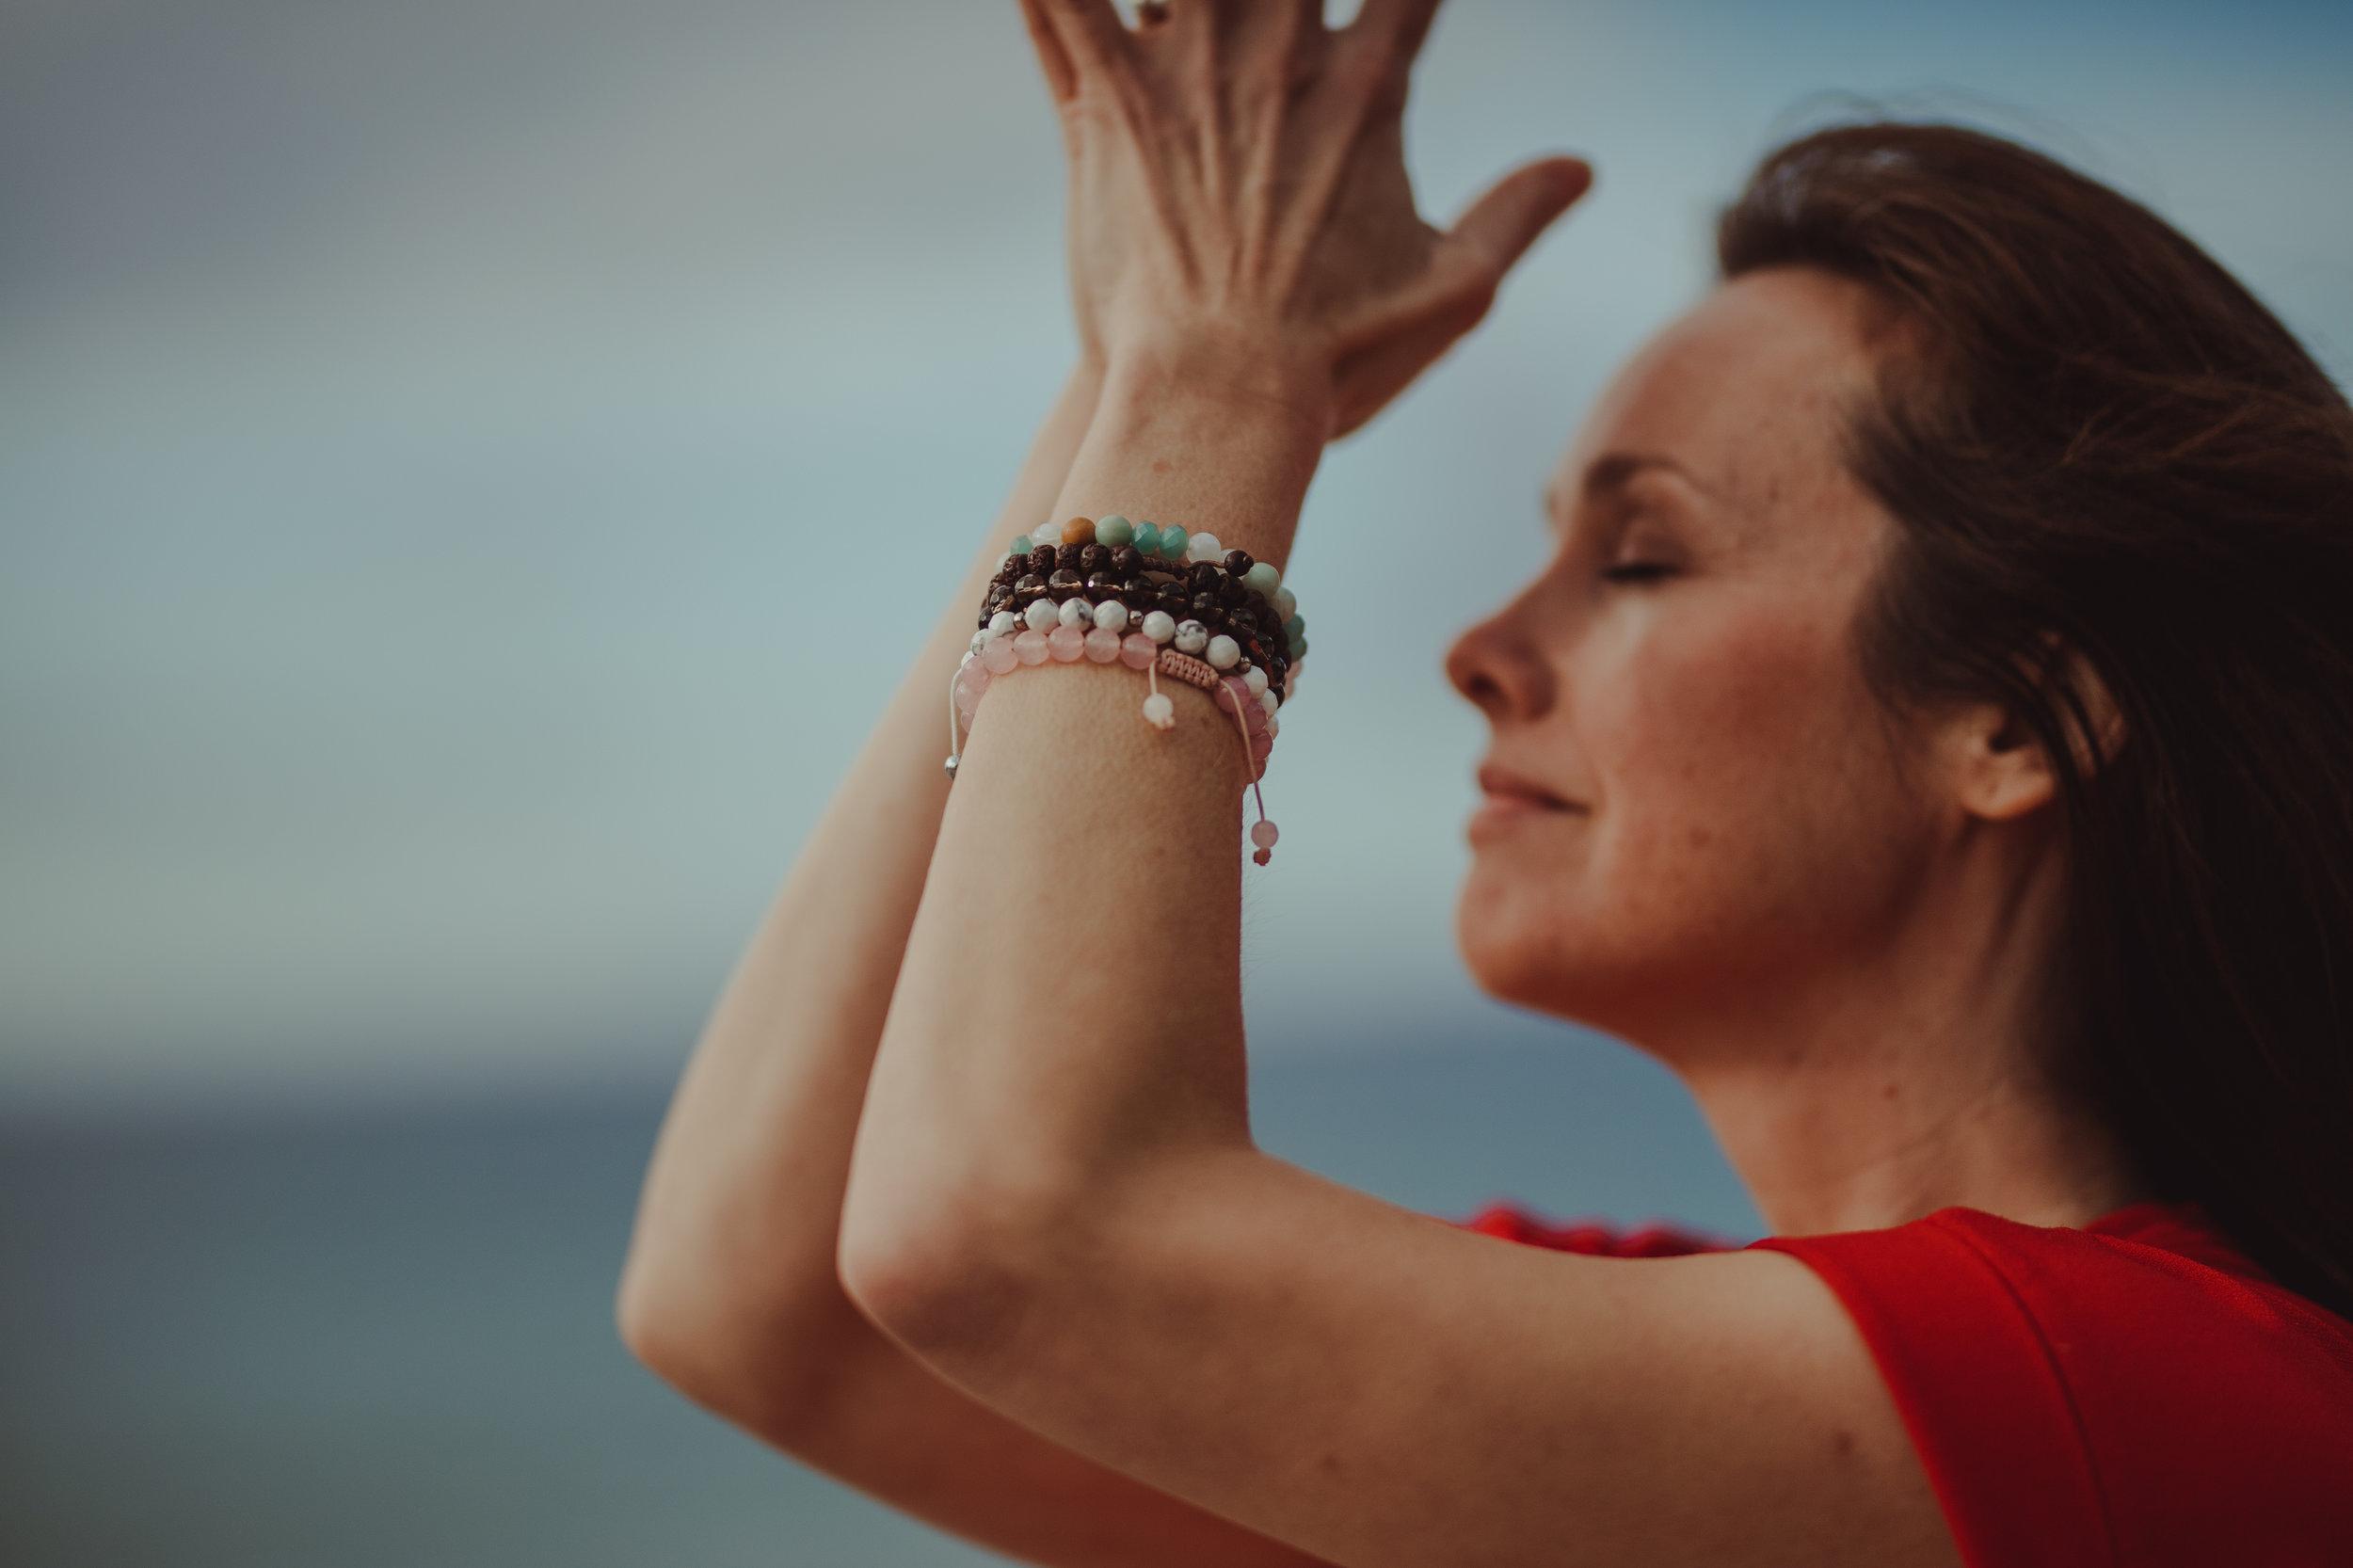 Er du yogalærer? - Da har jeg egen opplæring for deg om hvordan bruke oljene i yogaklassene dine. På denne måten kan du ta med deg oljene ut i klassene dine, skape oljemagi i klassene og få et ekstra økonomisk bein å stå på (yoga og oljer er et utrolig god kombinasjon).